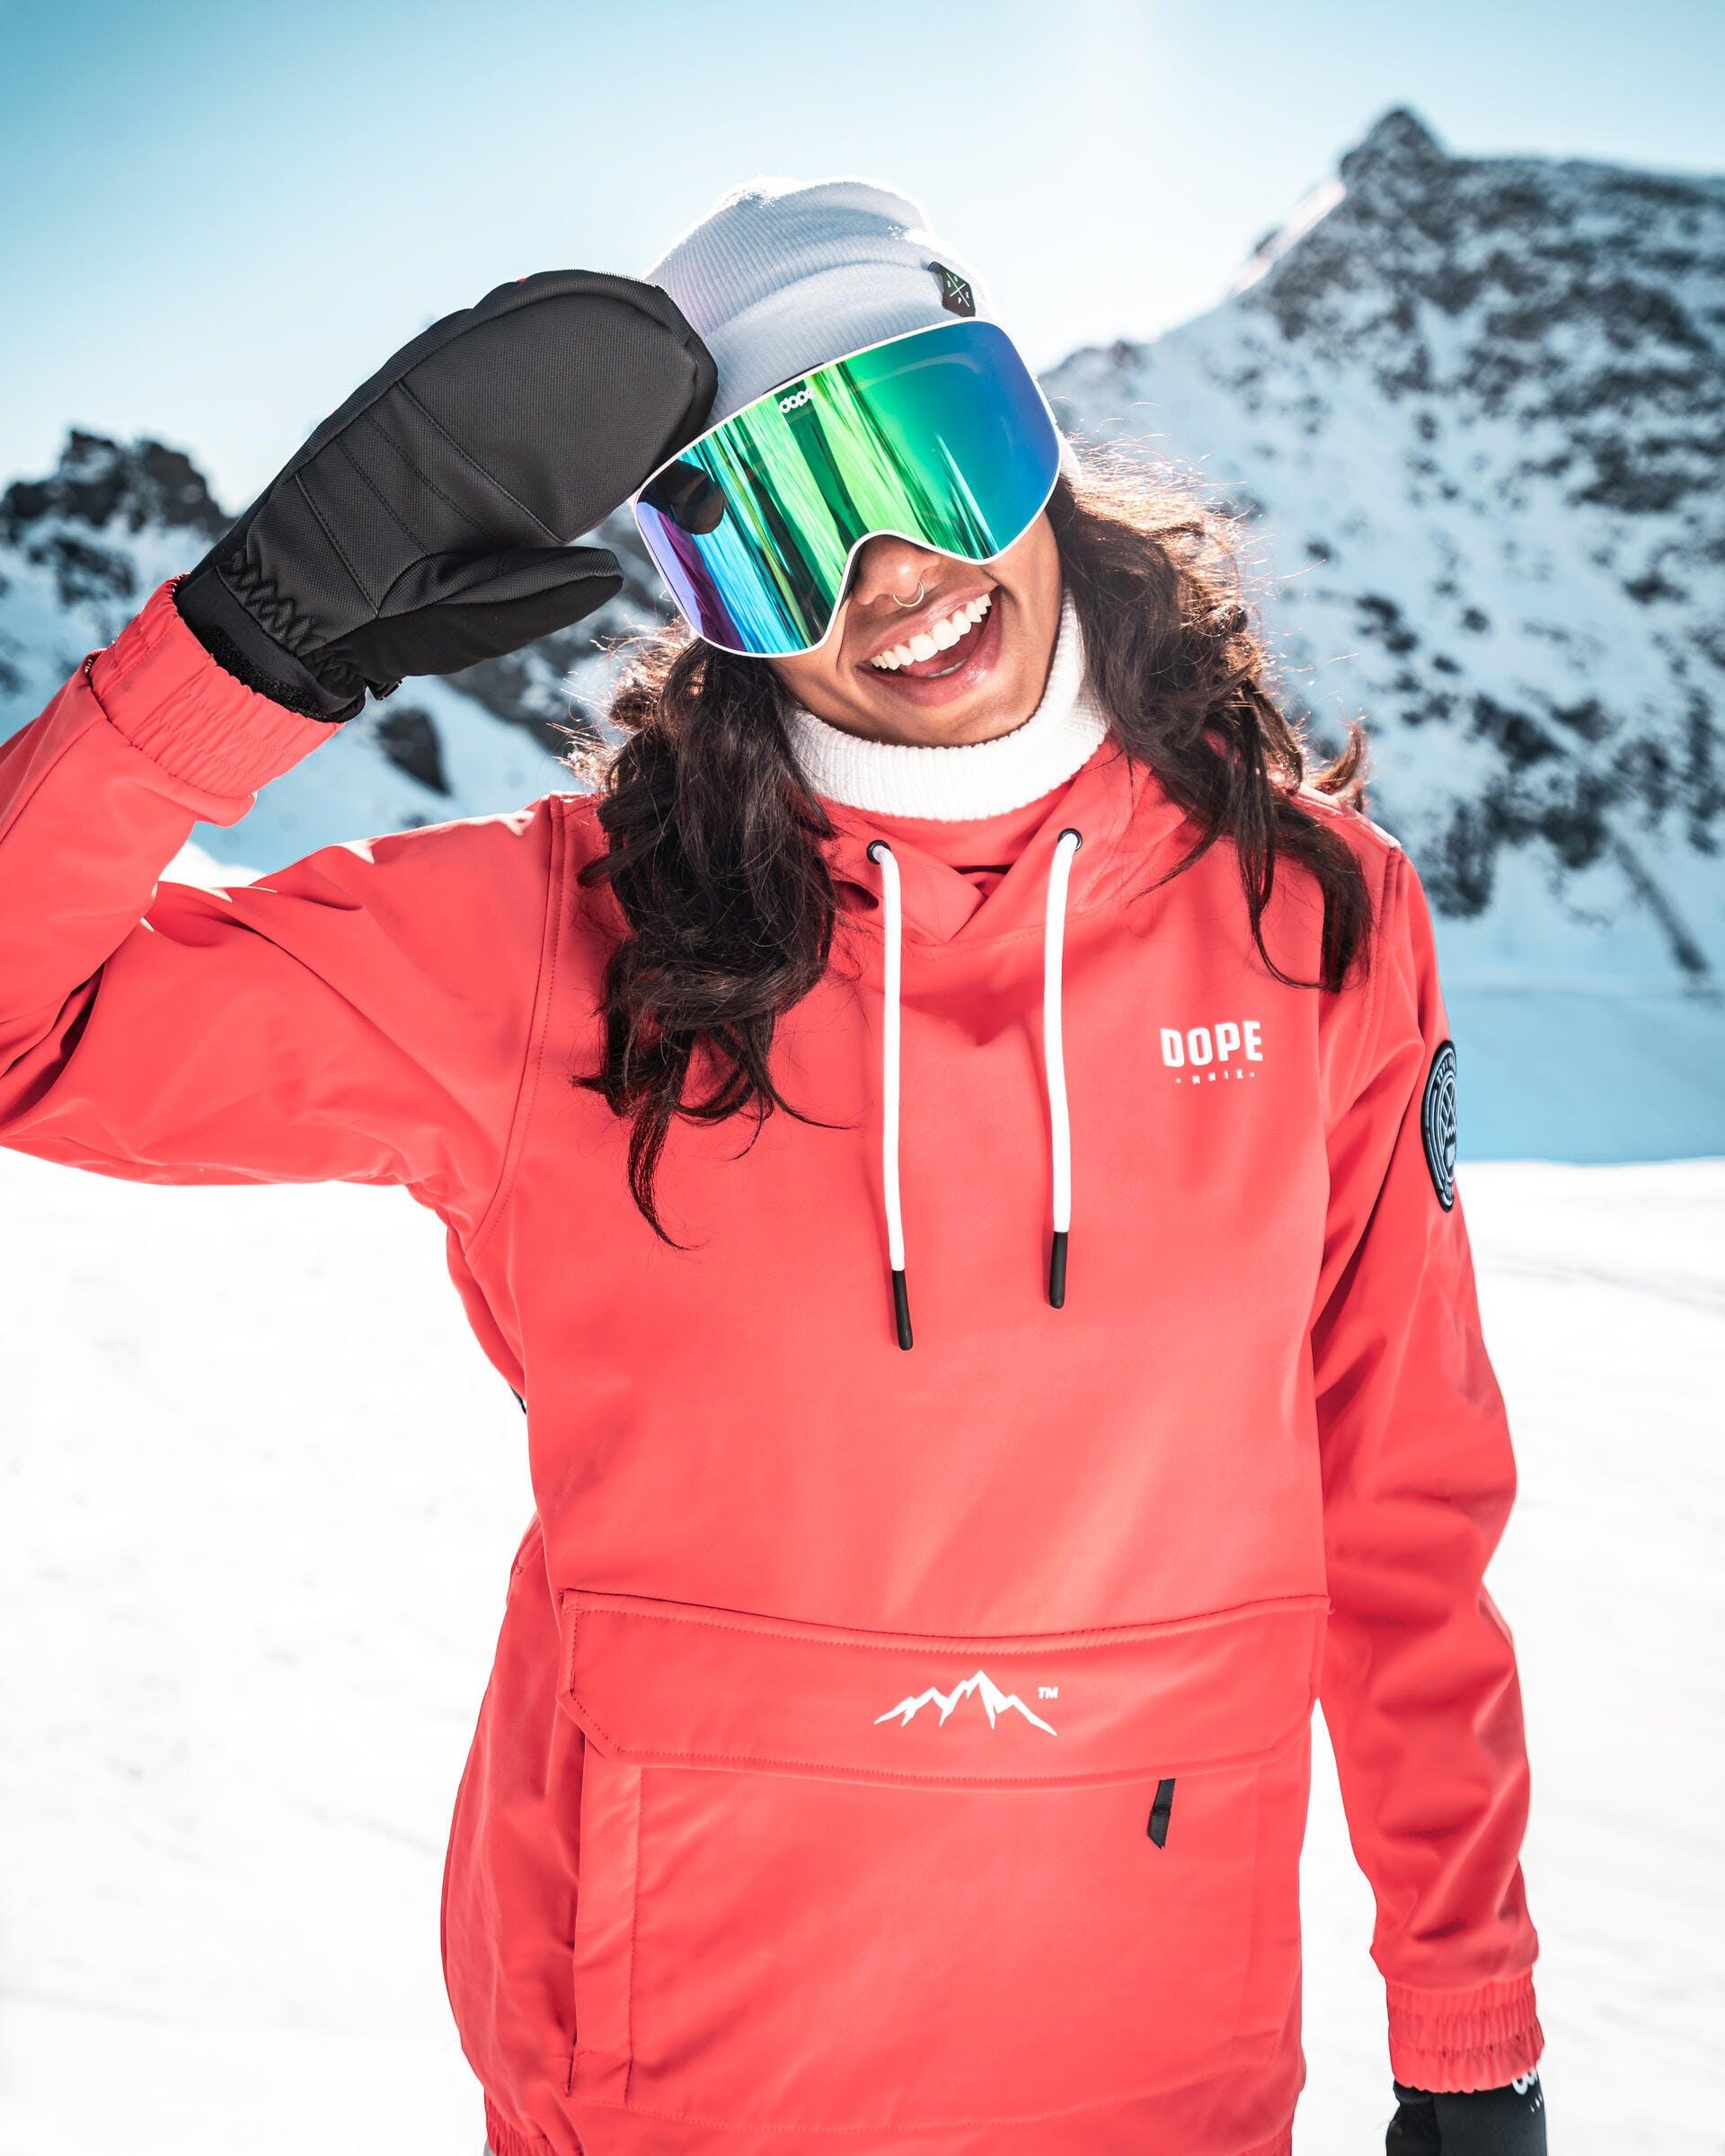 cosa indossare per sciare in primavera